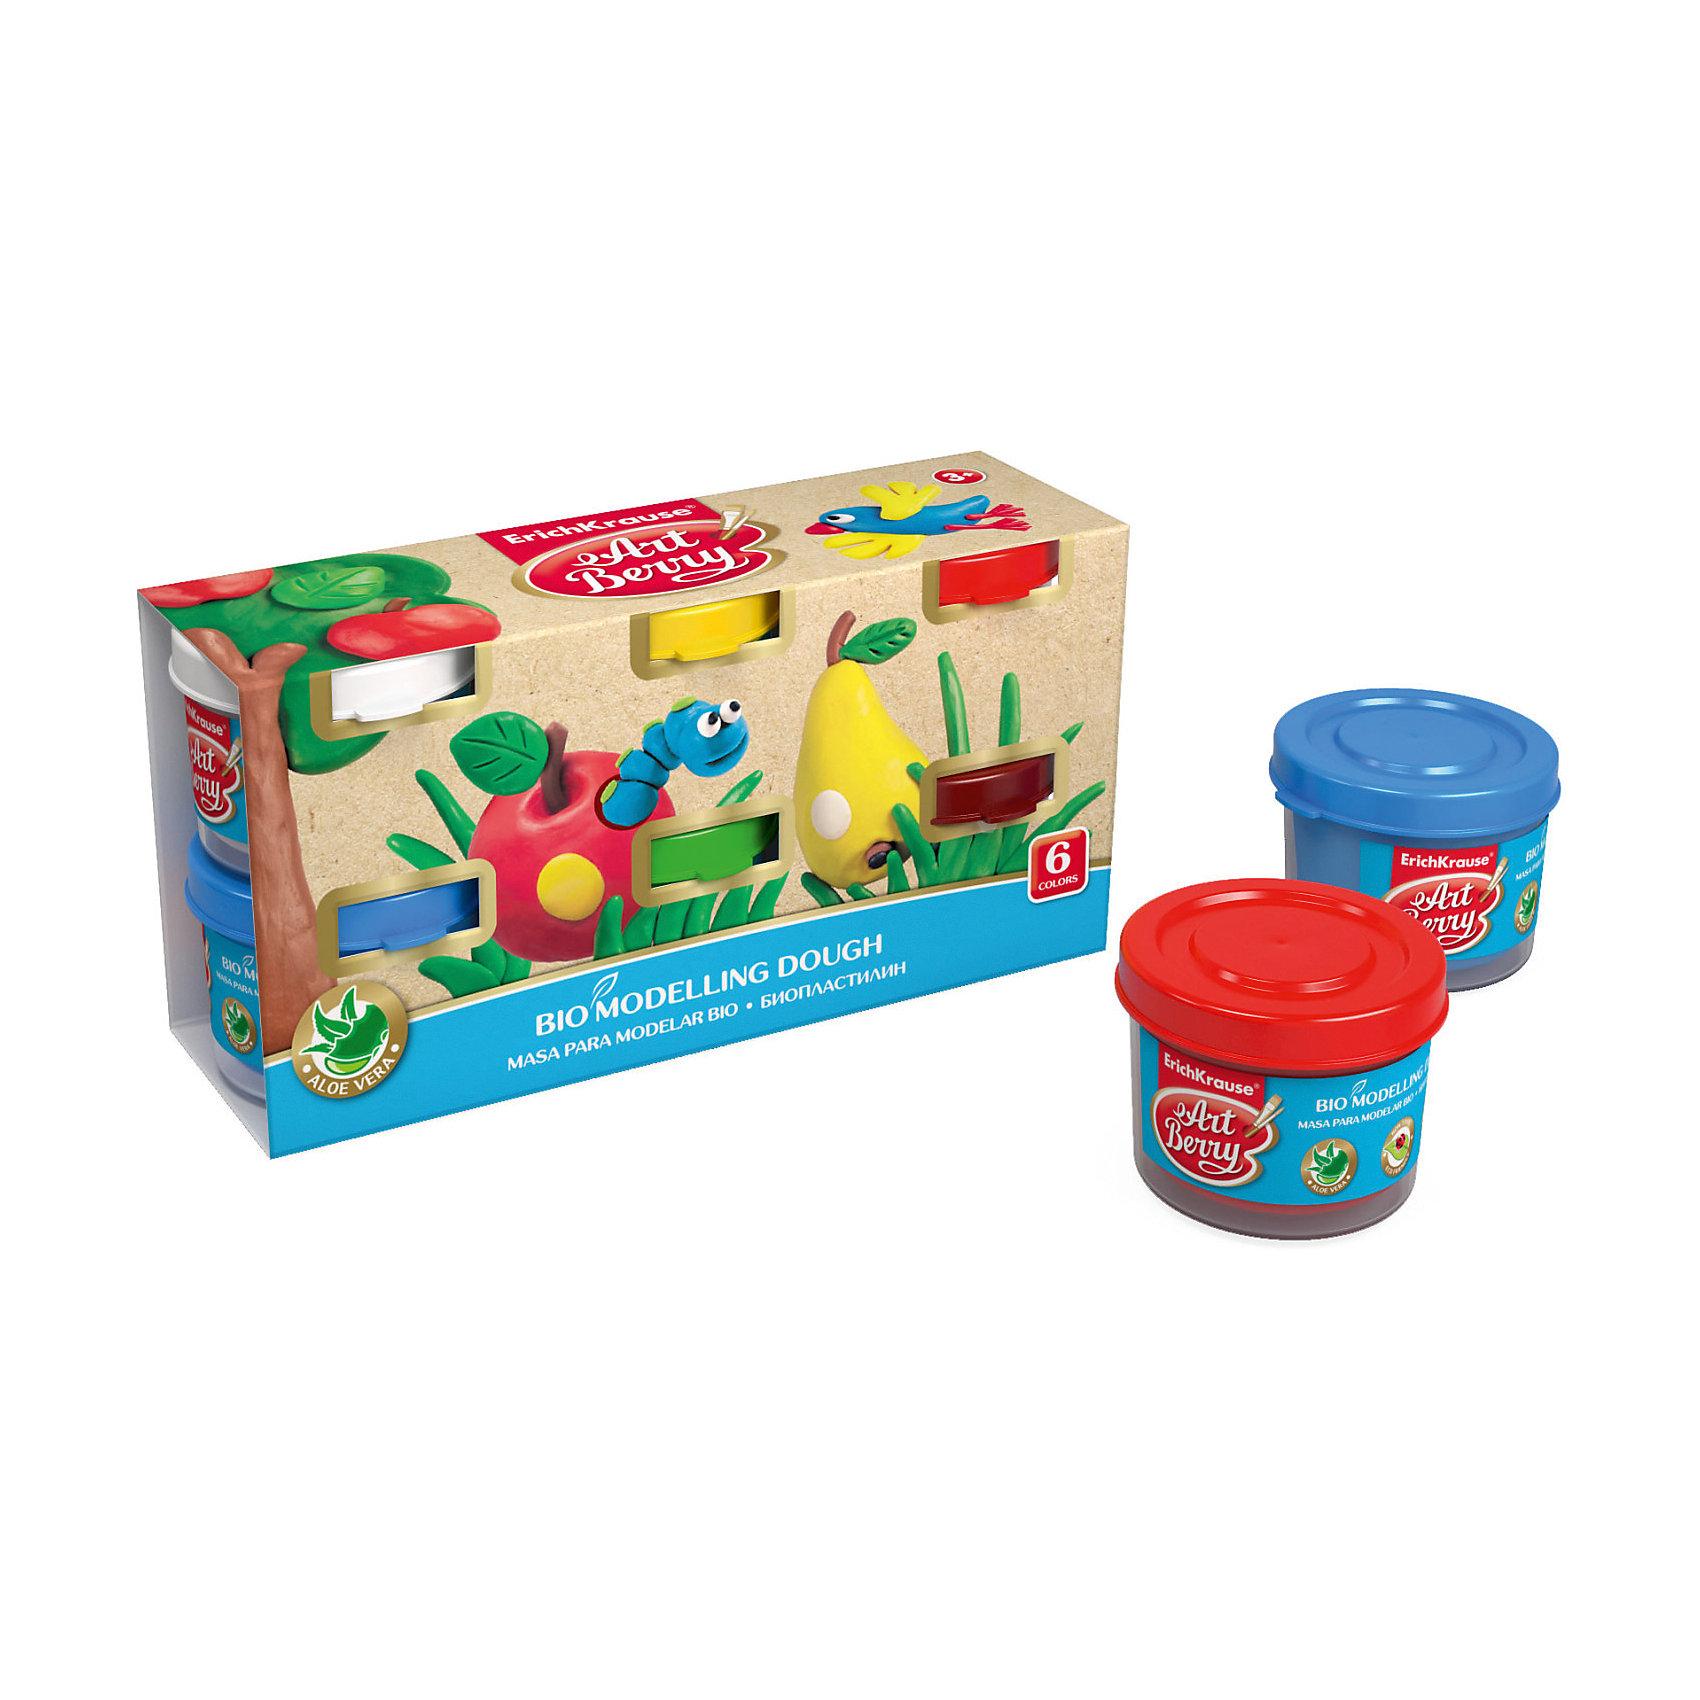 Биопластилин ArtBerry с Алоэ Вера, 6 цветов по 35гЛепка<br>Характеристики товара:<br><br>• материал упаковки: картон<br>• количество цветов: 6<br>• каждая баночка по 35 г<br>• возраст: от 3 лет<br>• габариты упаковки: 15х7х4,5 см<br>• вес: 300 г<br>• страна производитель: Россия<br><br>Биопластилин – уникальный в своей сфере материал для детского творчества. Быстро и легко разогревается, приятный для лепки и прочный после засыхания. Наличие в составе Алоэ Вера ухаживает за детской кожей и не дает ей пересыхать во время работы с пластилином.<br><br>Биопластилин ArtBerry с Алоэ Вера, 6 цвета по 35 г, можно купить в нашем интернет-магазине.<br><br>Ширина мм: 150<br>Глубина мм: 72<br>Высота мм: 45<br>Вес г: 288<br>Возраст от месяцев: 36<br>Возраст до месяцев: 2147483647<br>Пол: Унисекс<br>Возраст: Детский<br>SKU: 5409319